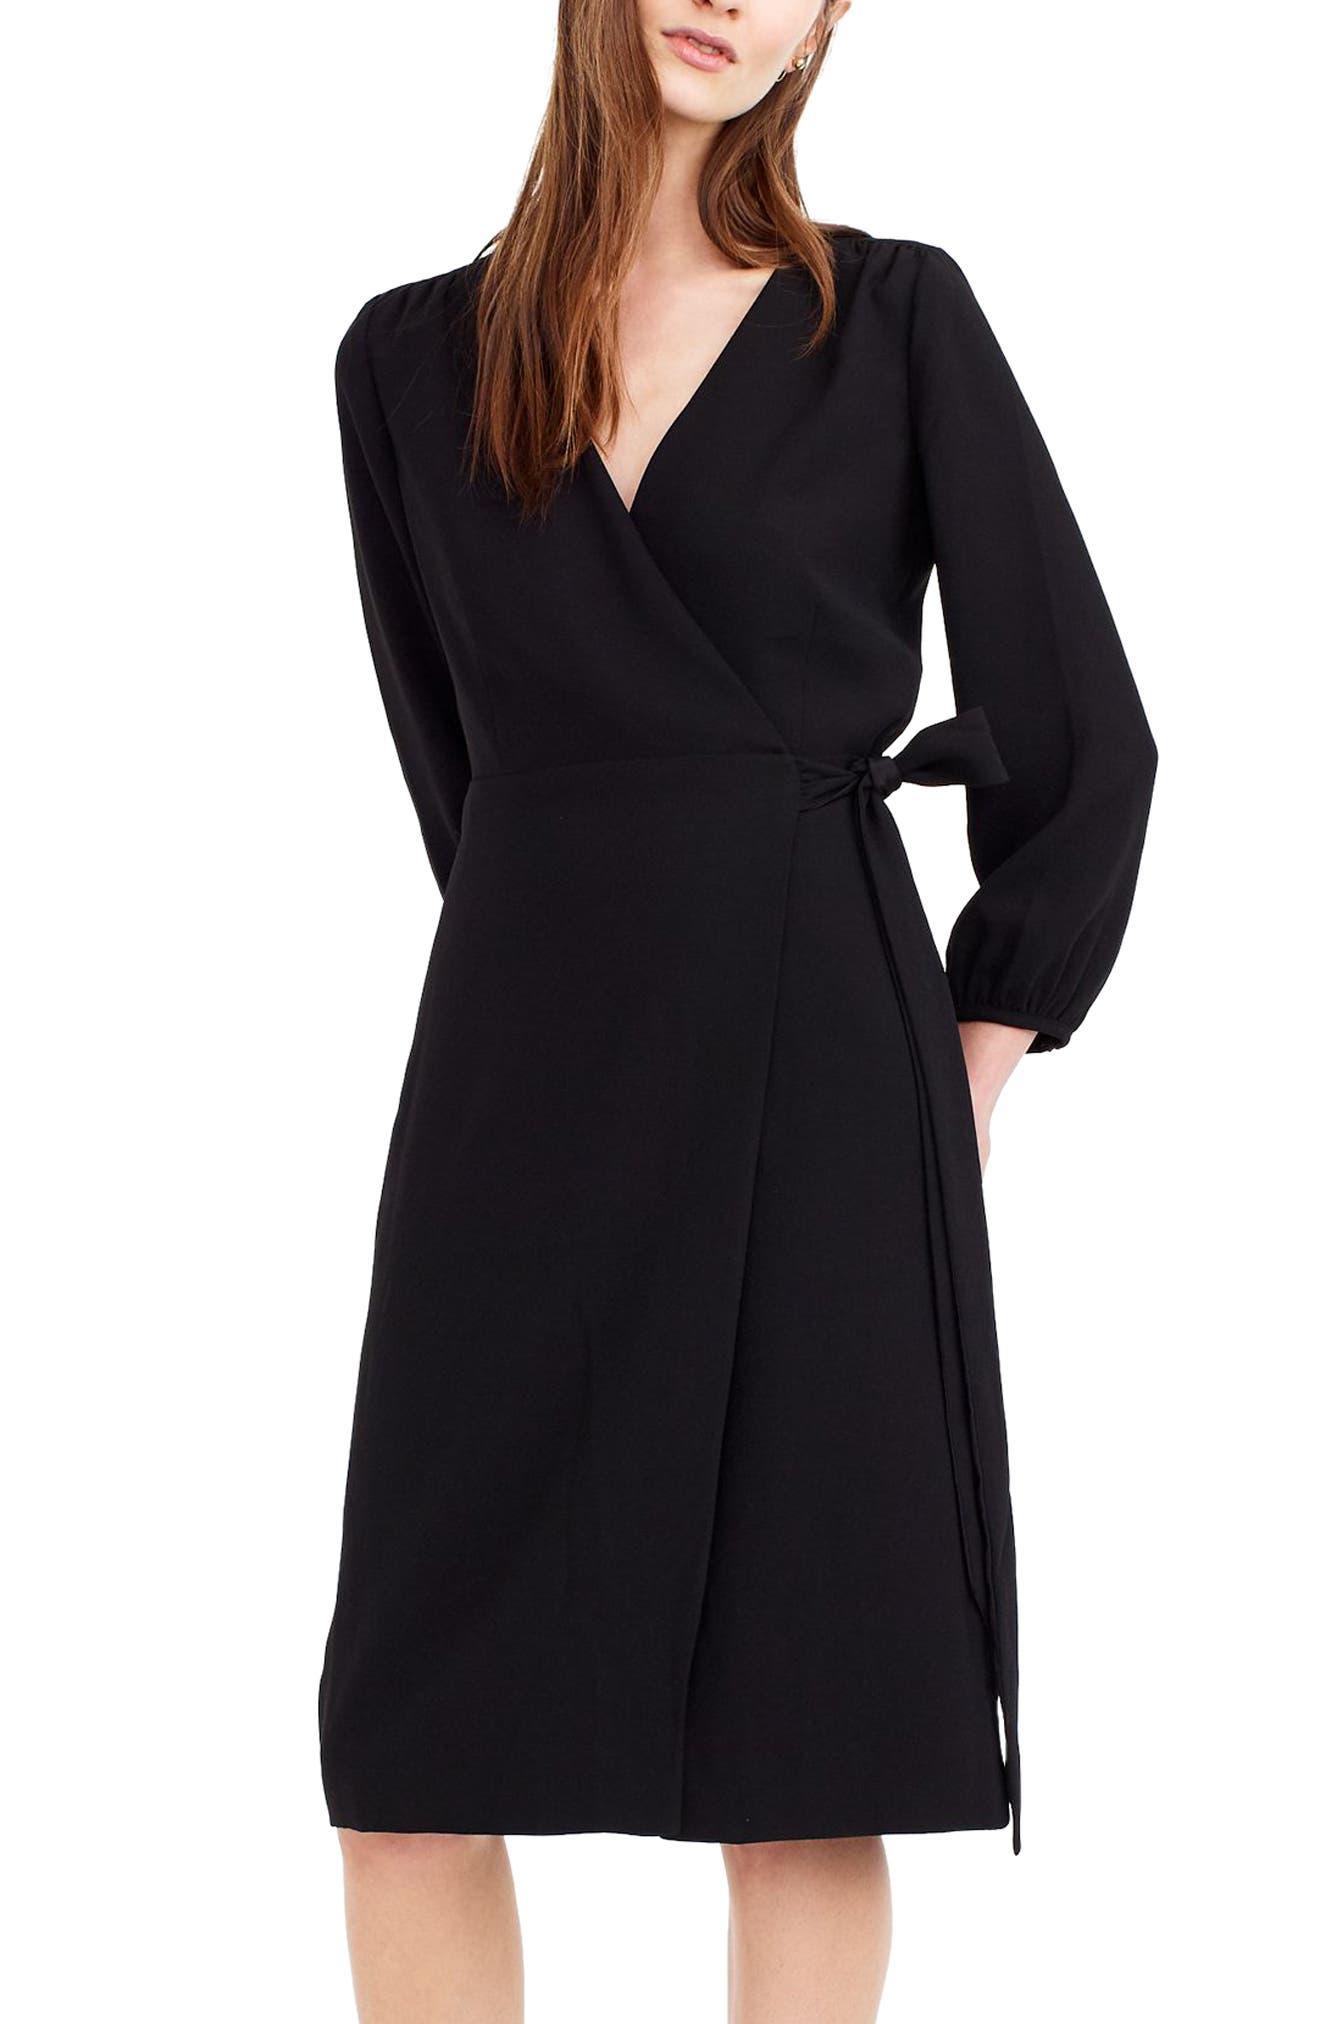 J.CREW 365 Crepe Wrap Dress, Main, color, 001